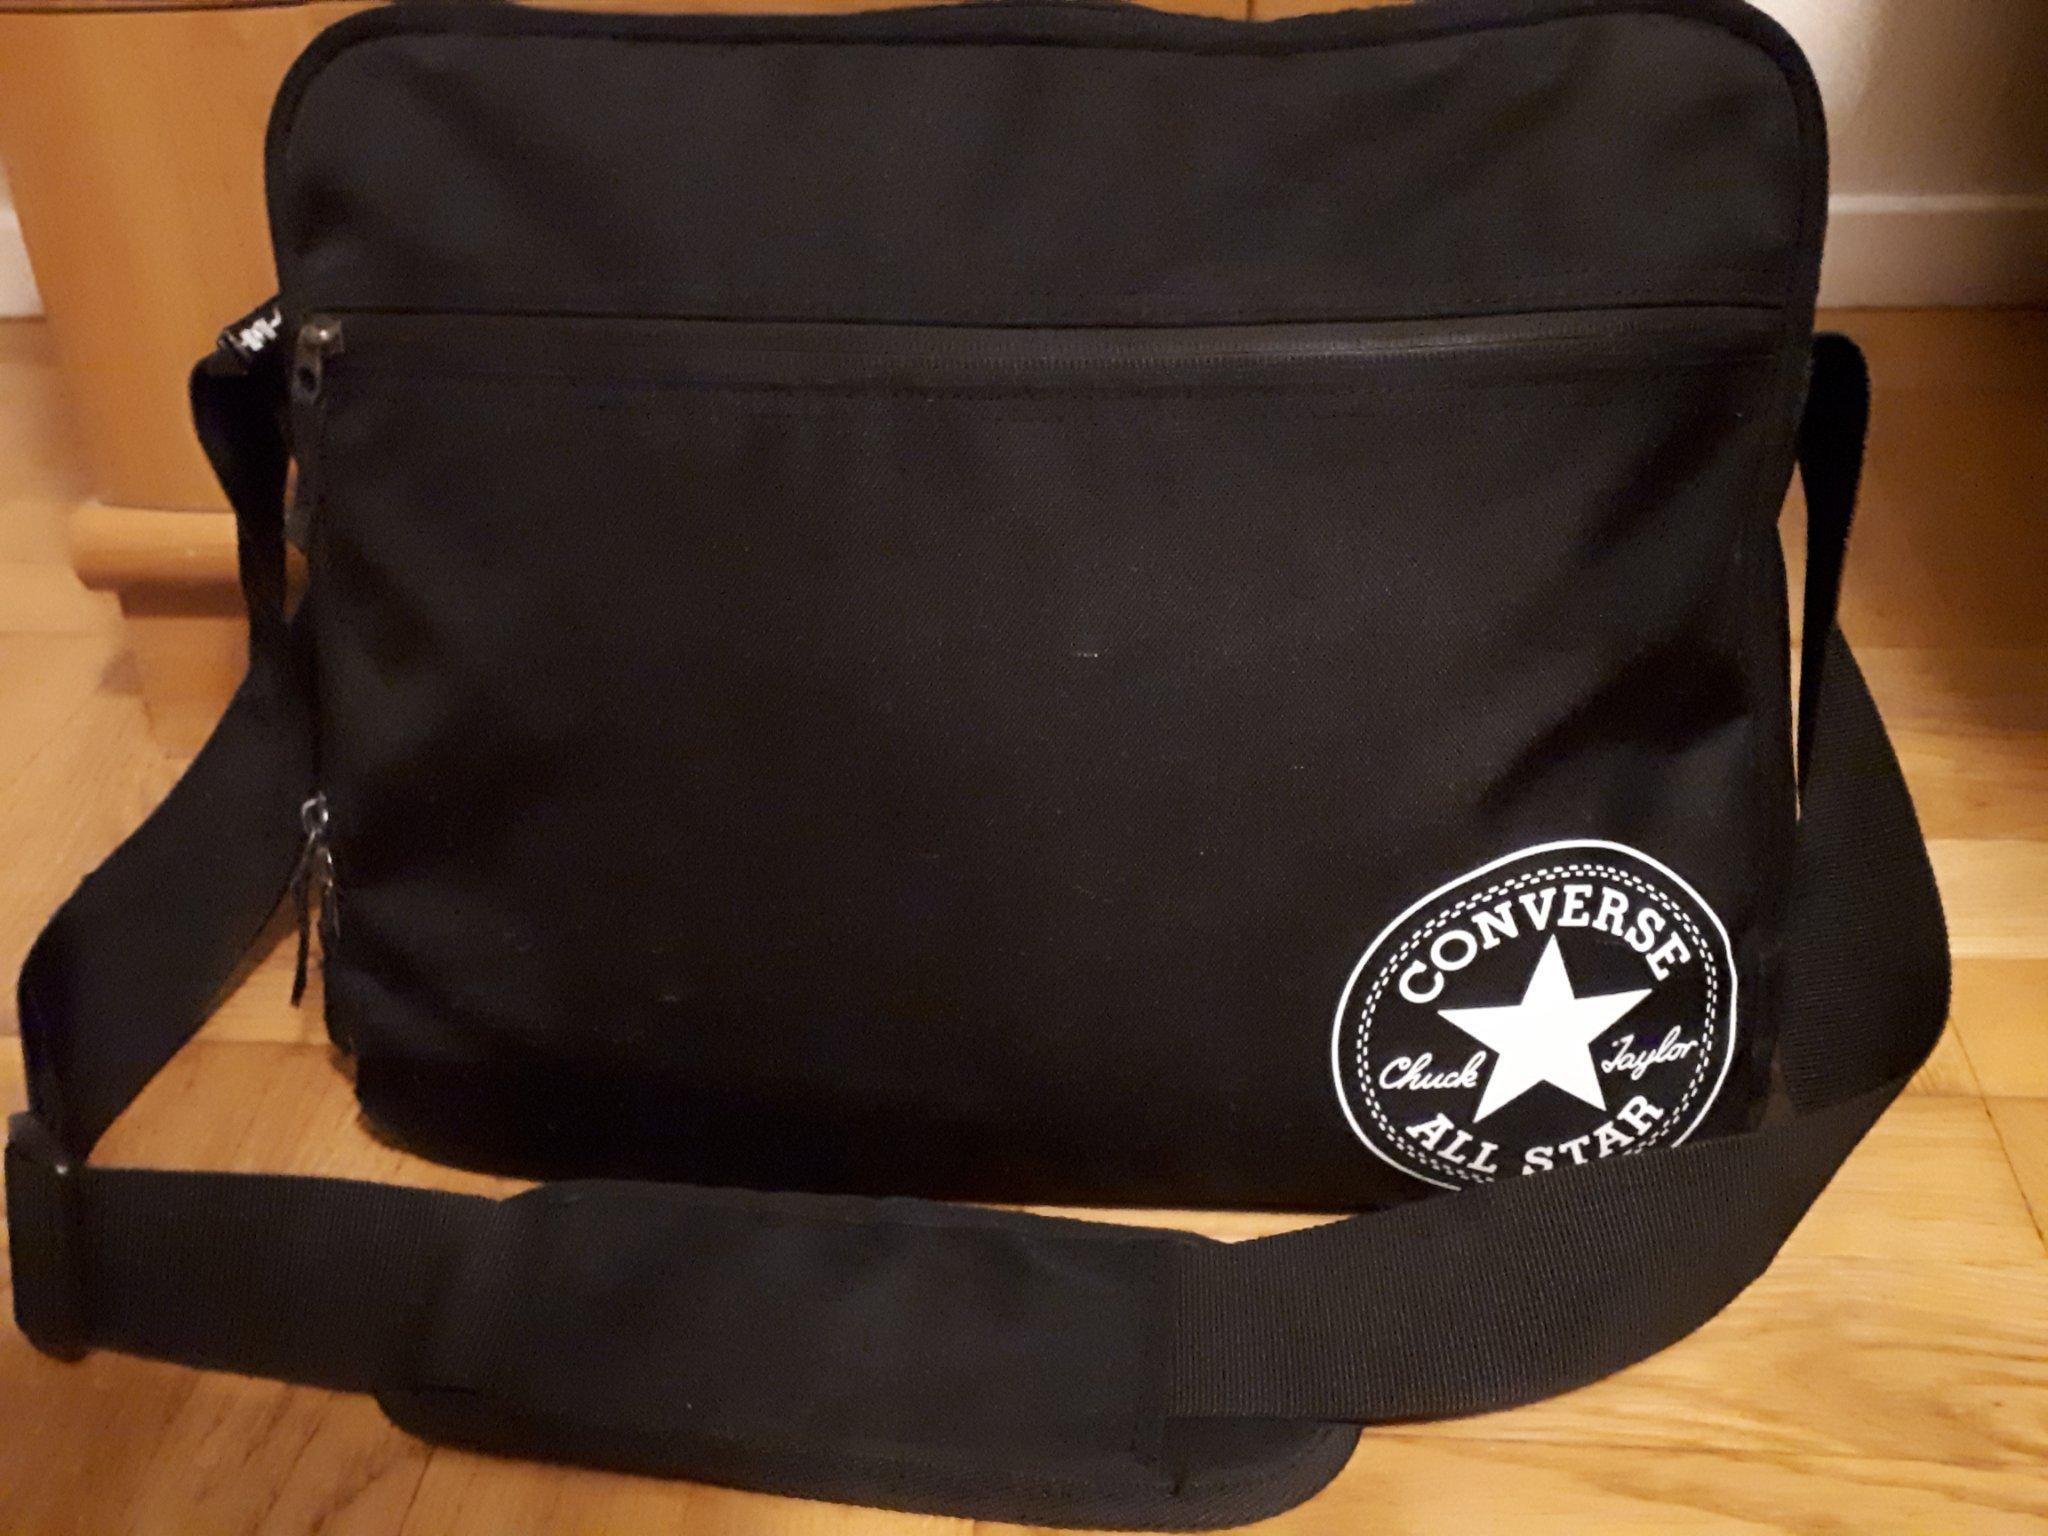 erkända varumärken Bra exklusiva erbjudanden Messenger laptopväska från Converse (367480155) ᐈ Köp på Tradera